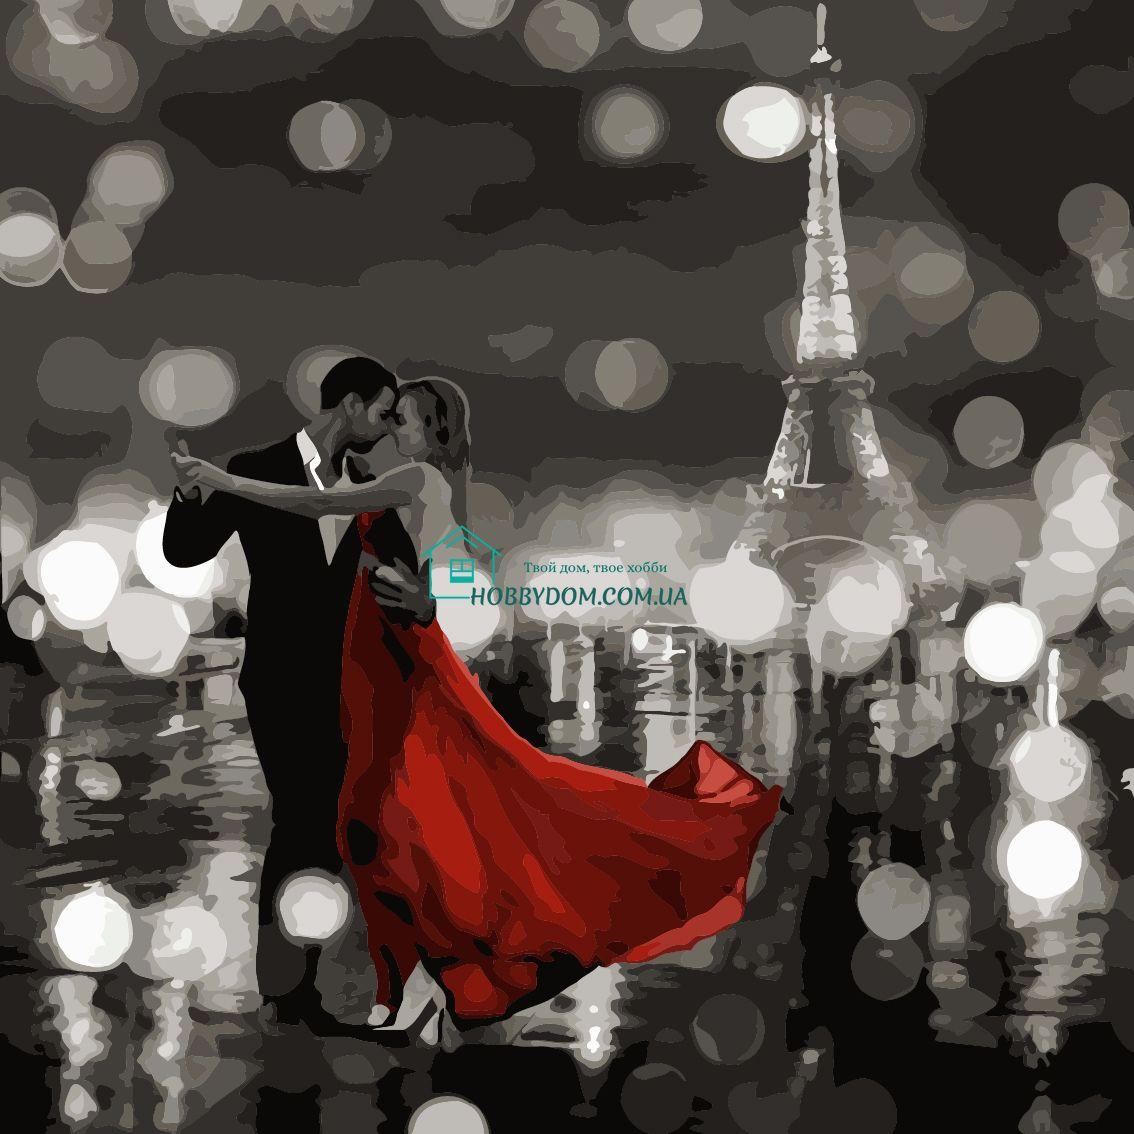 Картинки с танго в париже гифки, открытки